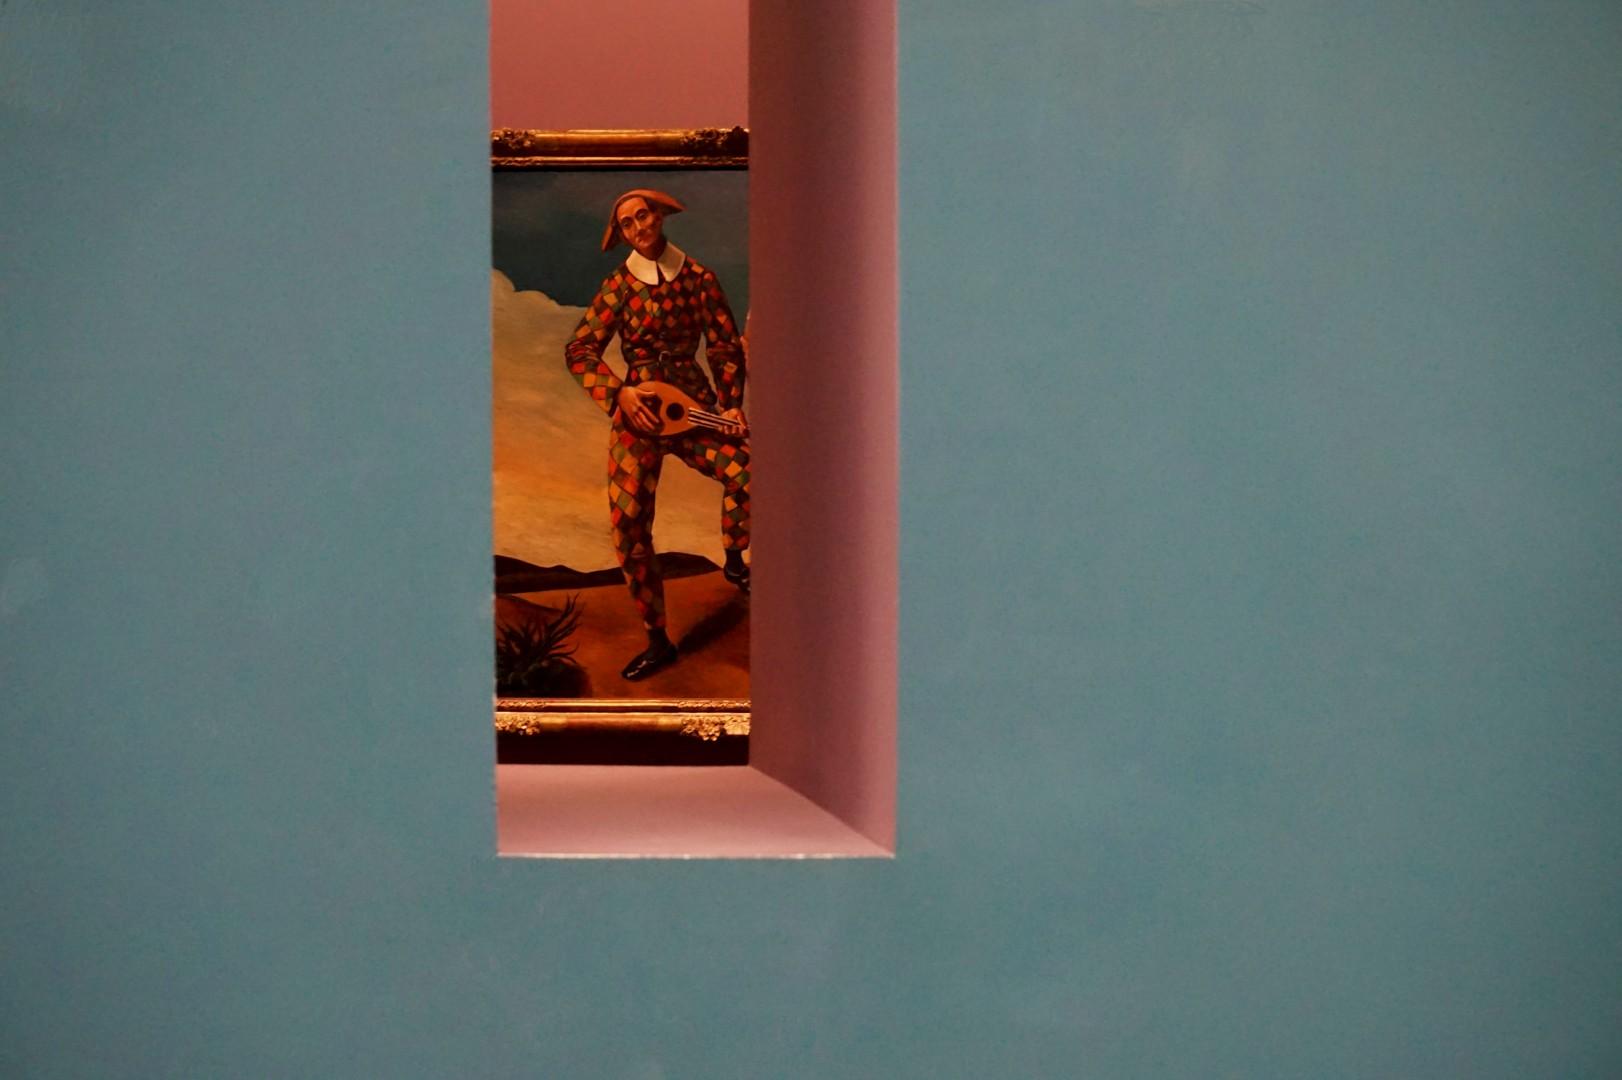 Musée de l'Orangerie, Paris - Collection Jean Walter et Pierre Guillaume